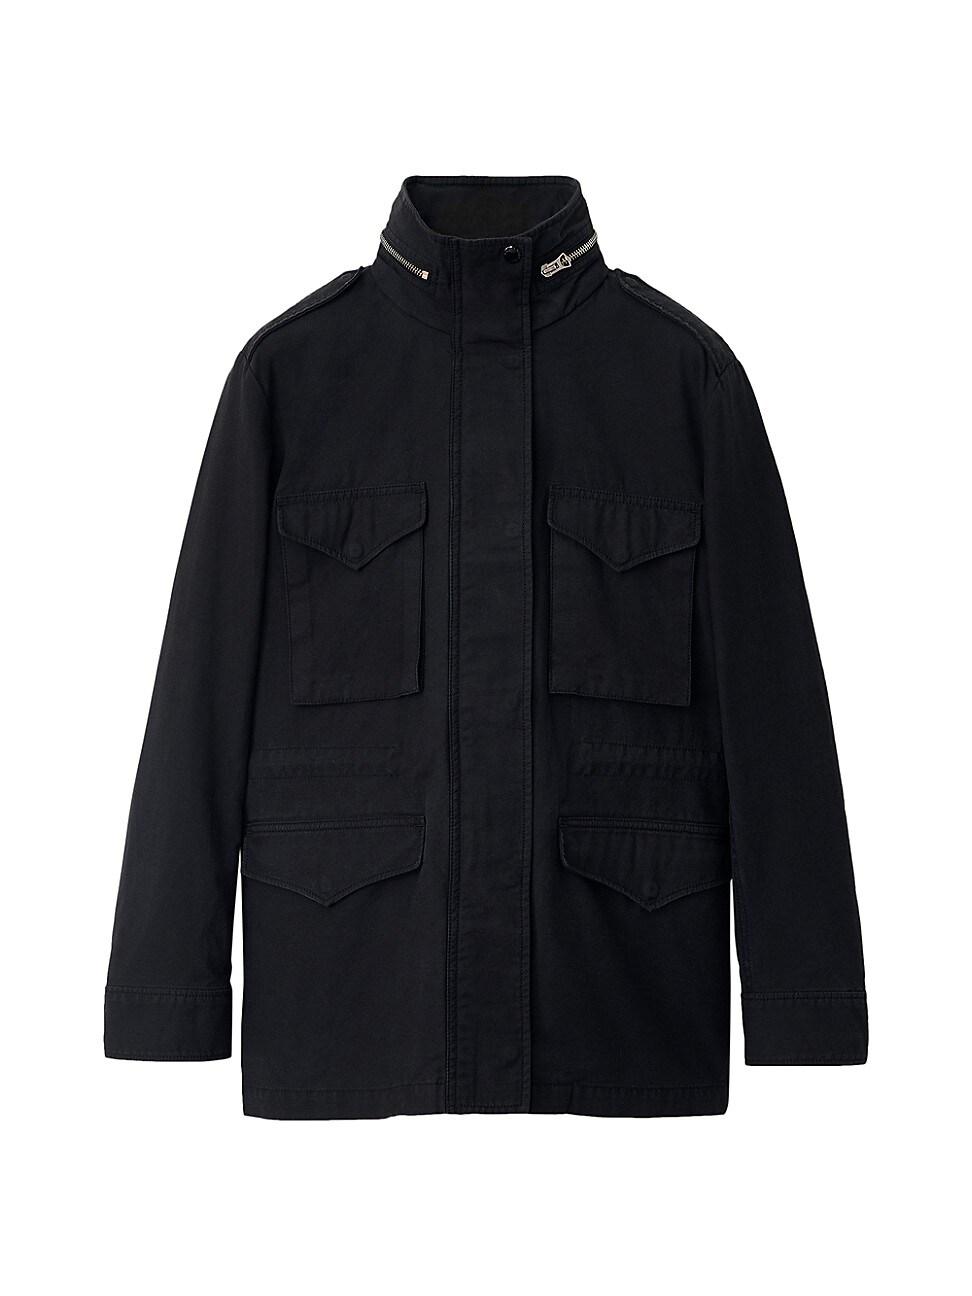 Rag & Bone Jackets WOMEN'S FIELD M65 JACKET